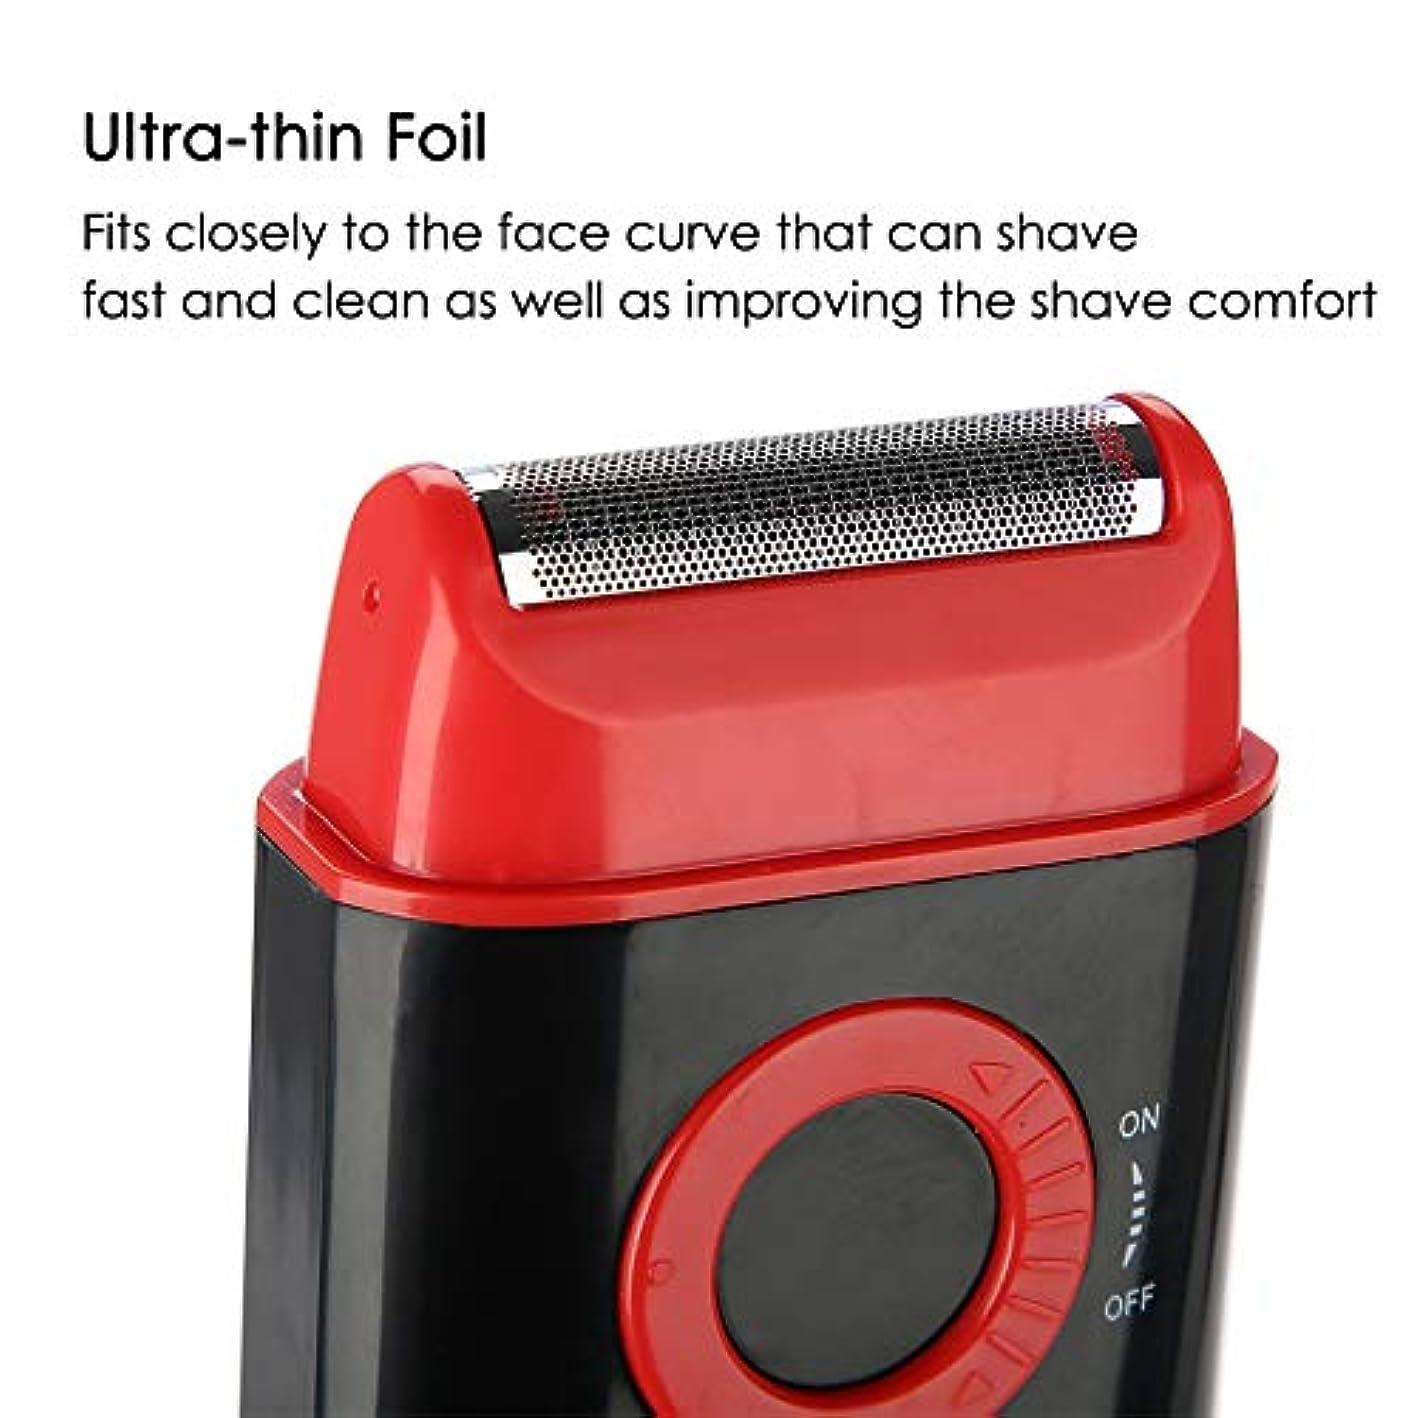 空のおとこ覚えている電気シェーバー 剃刀 男性 超薄型箔ポップアップひげトリマー単3電池のパワーシェービングカミソリ (レッド)